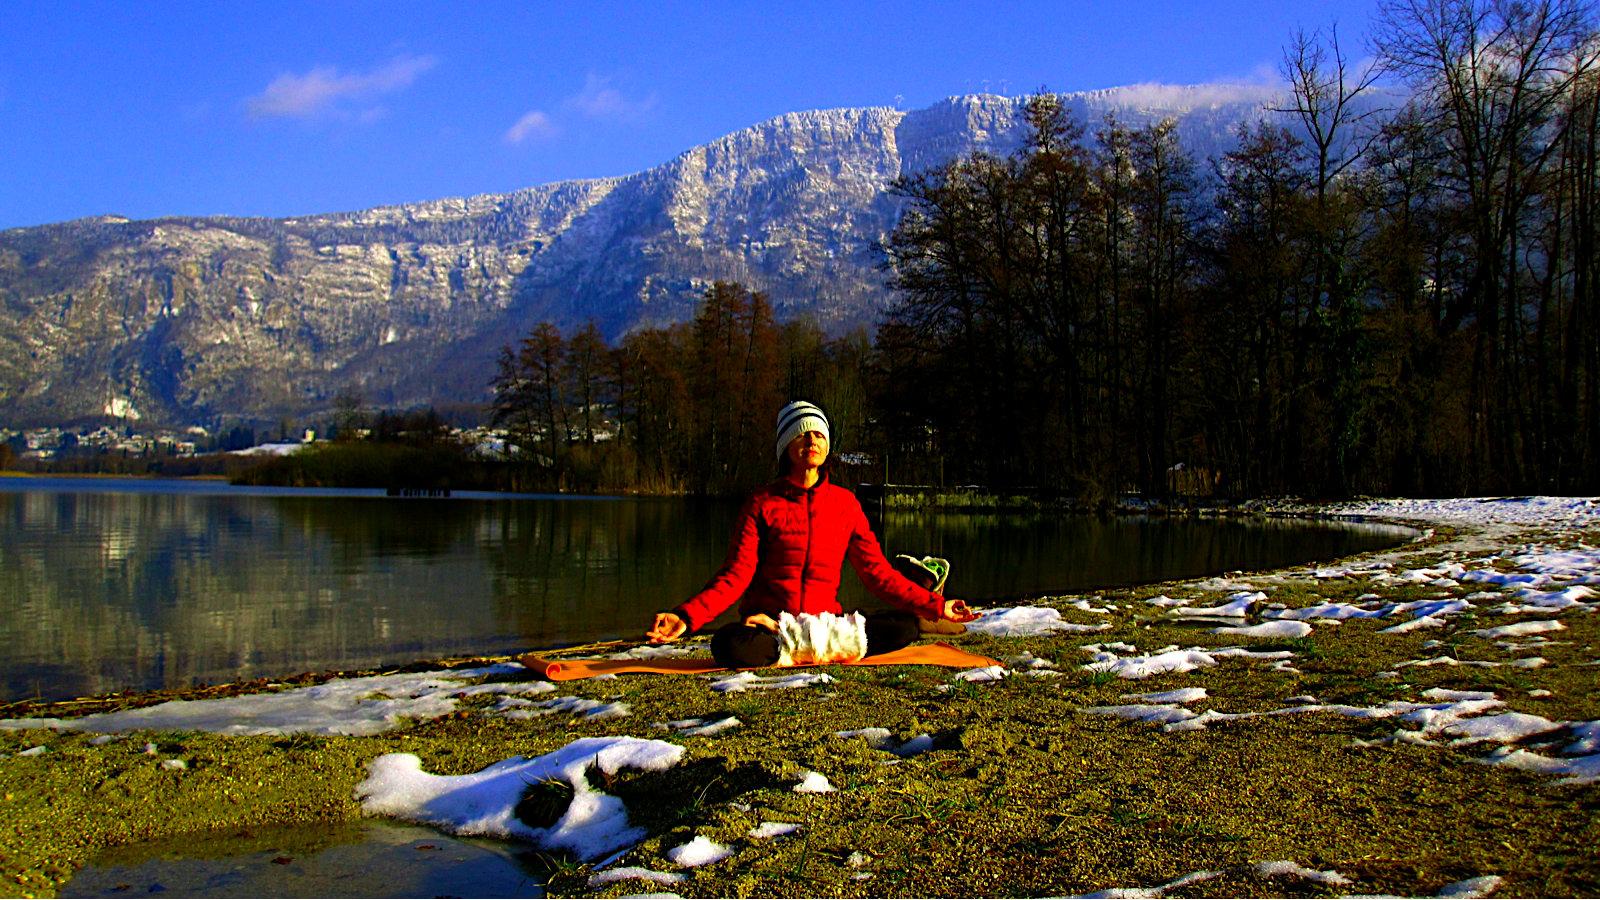 Les exercices de Yoga sont une des clés pour la bonne santé. Découvrez les bienfaits du Yoga.